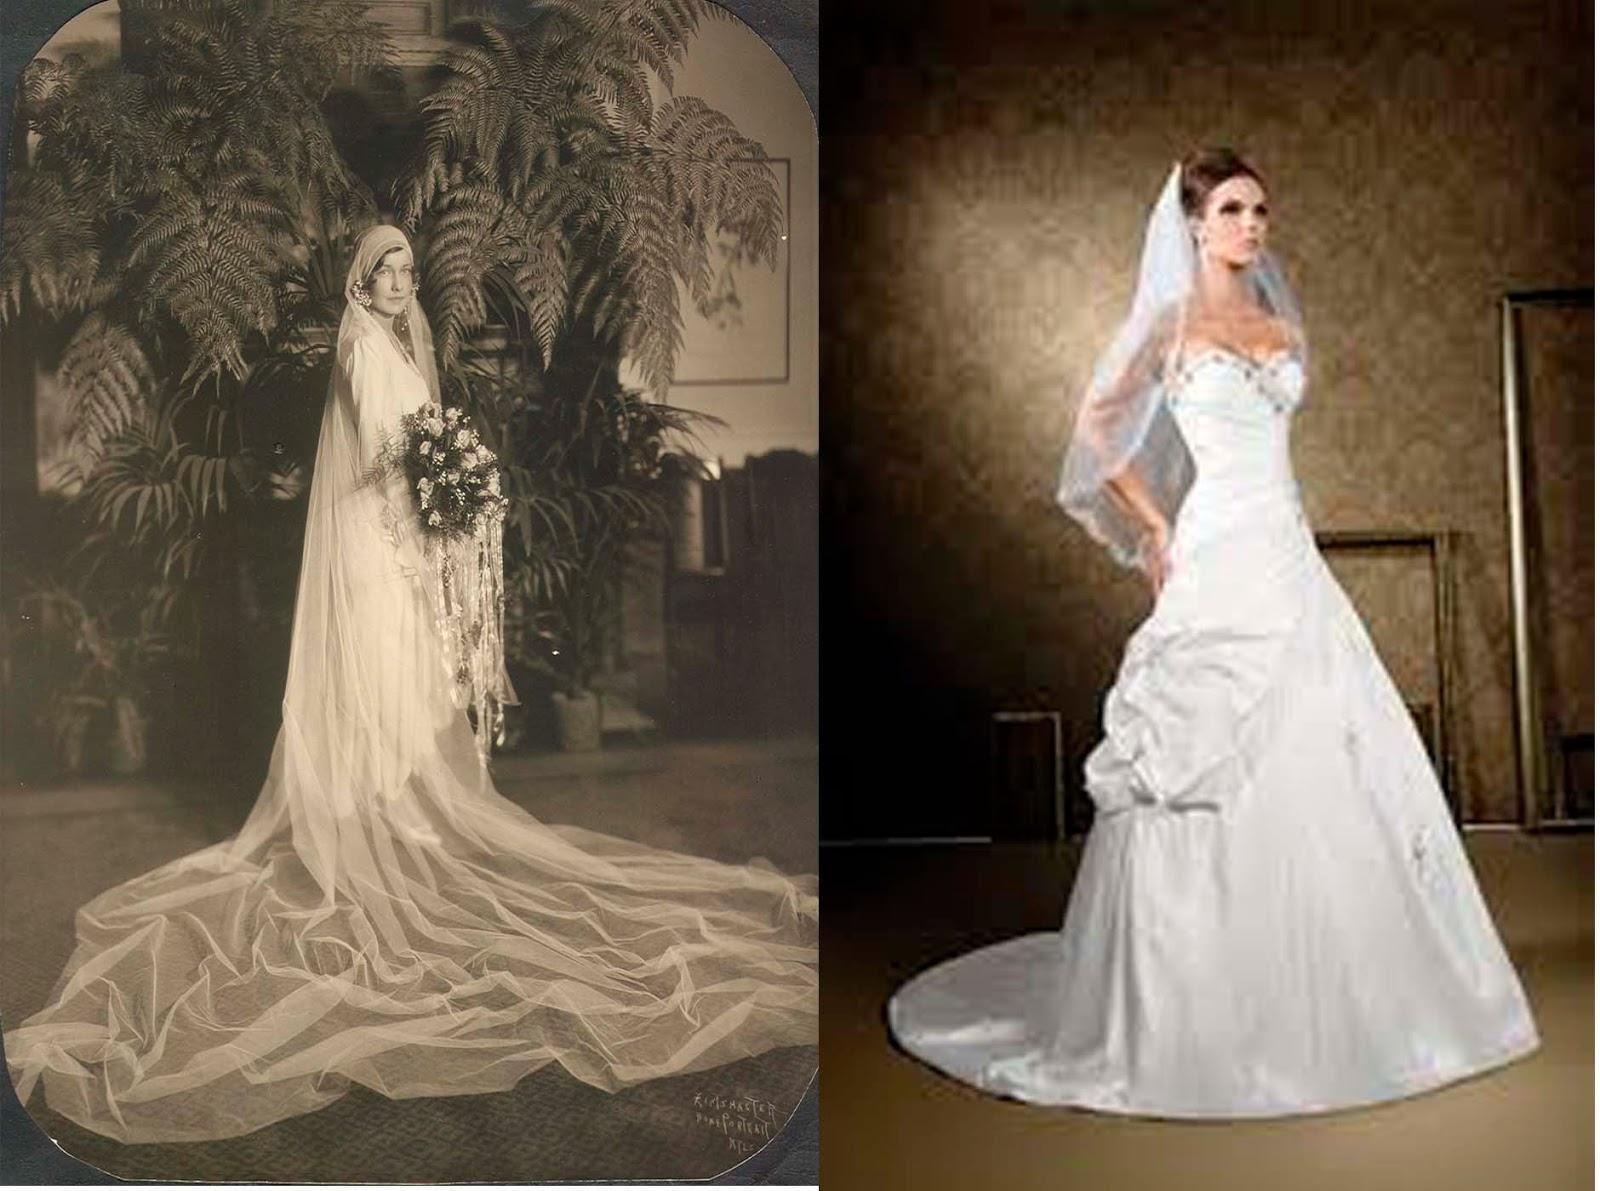 Que significa el vestido blanco de la novia